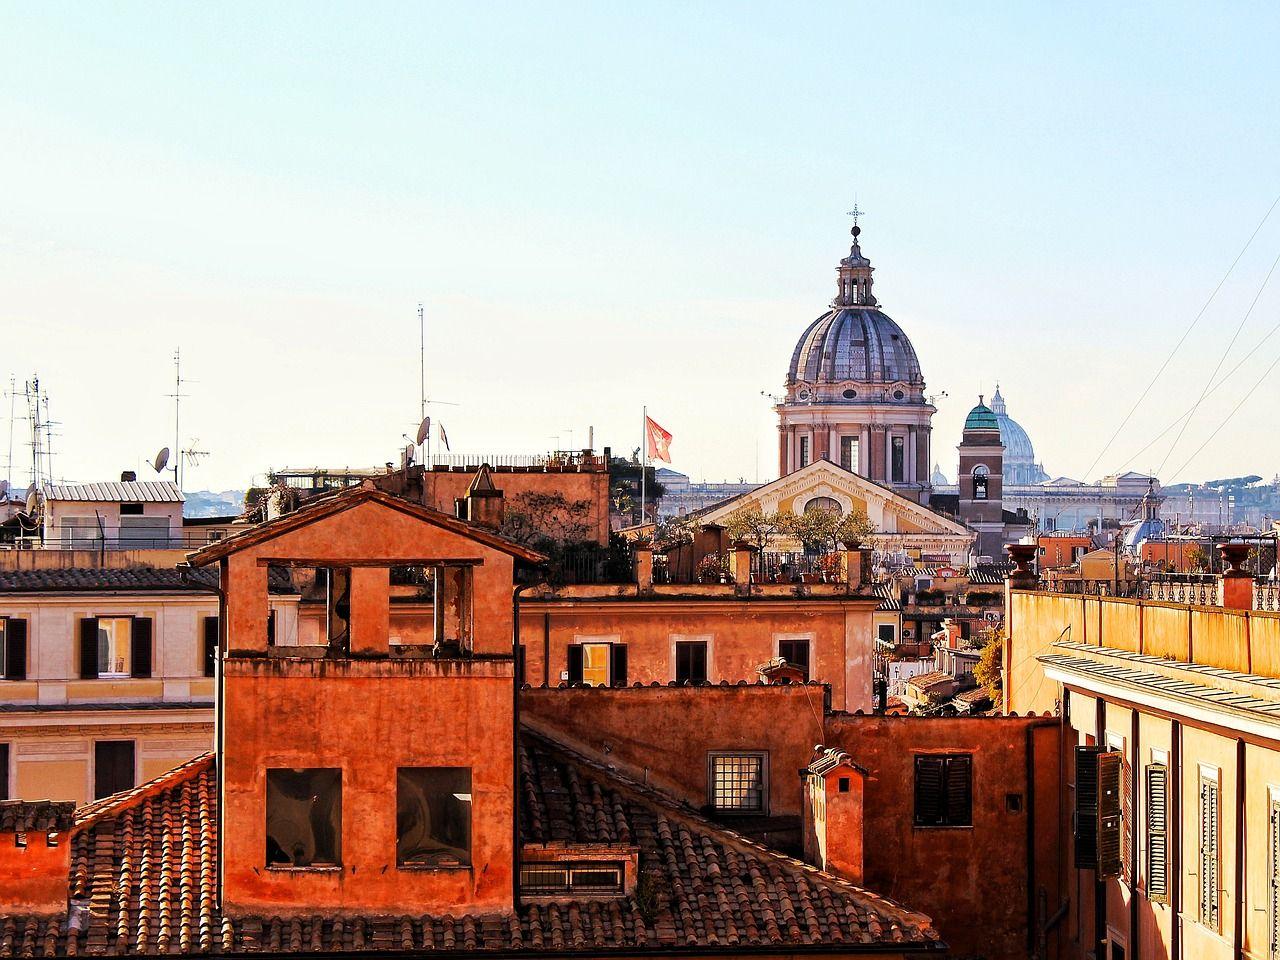 Rom Rome Roma Rim Stadt City Italien Italia Italy Vacation Itinerary Italy Rome